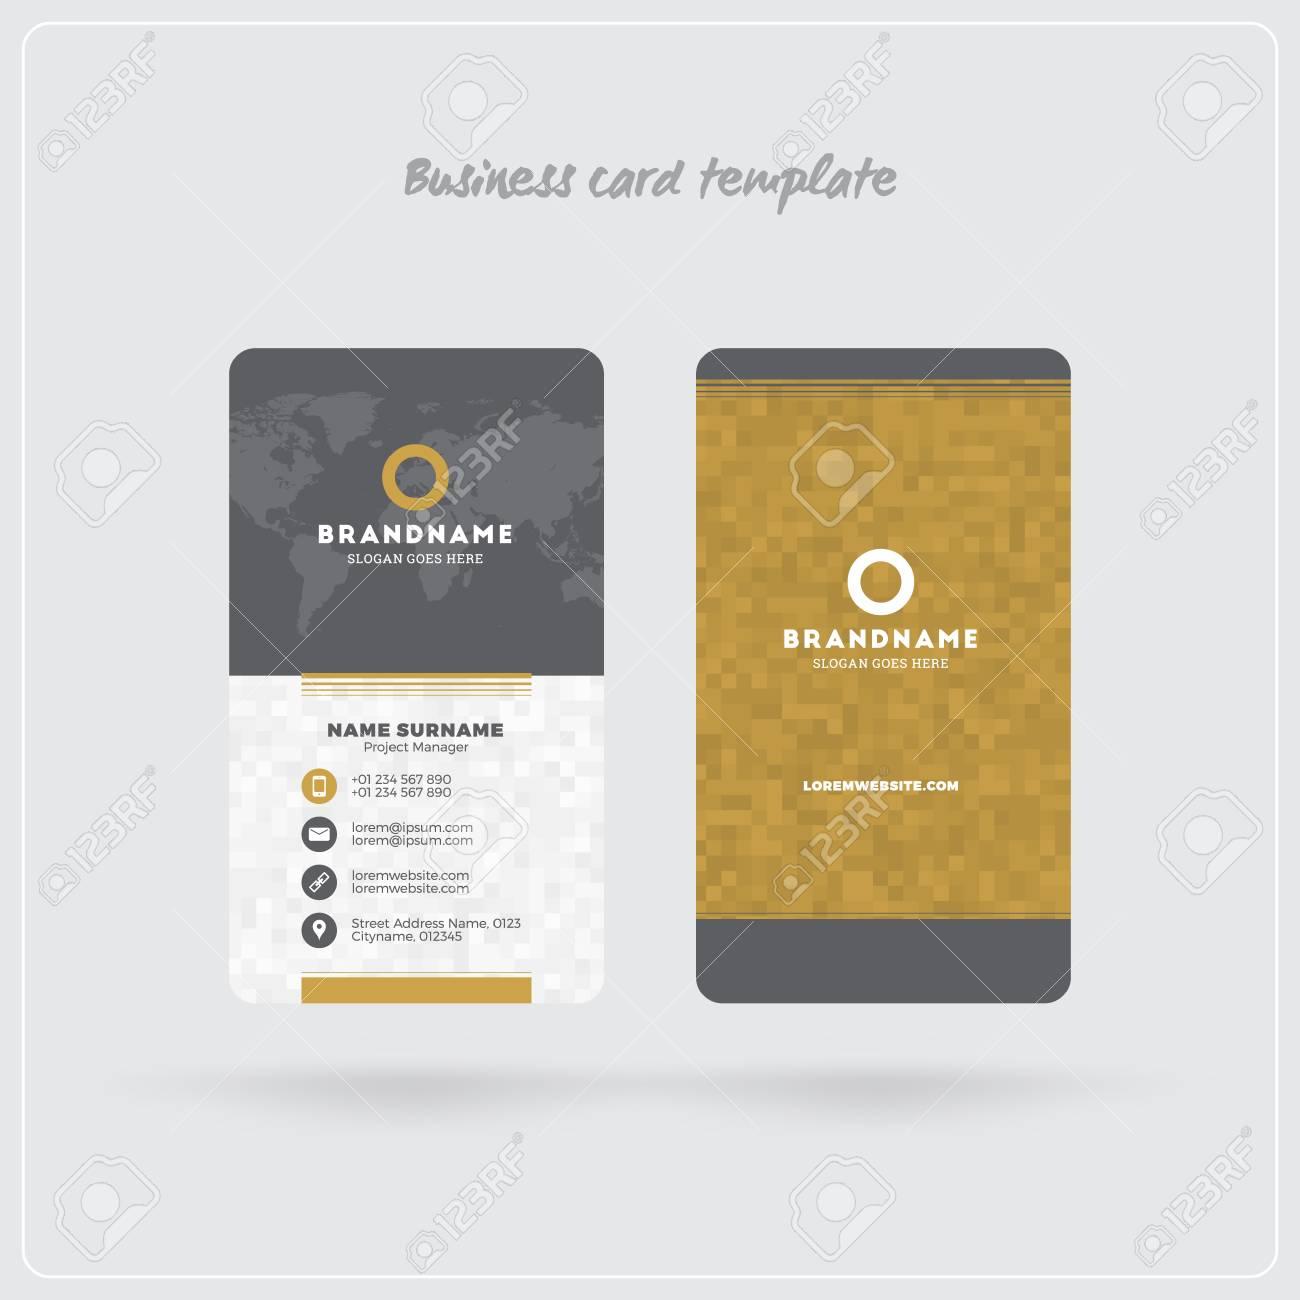 Carte De Visite Personnelle Recto Verso Avec Logo Lentreprise Design Plat Propre Coins Arrondis Illustration Vectorielle Mockup With